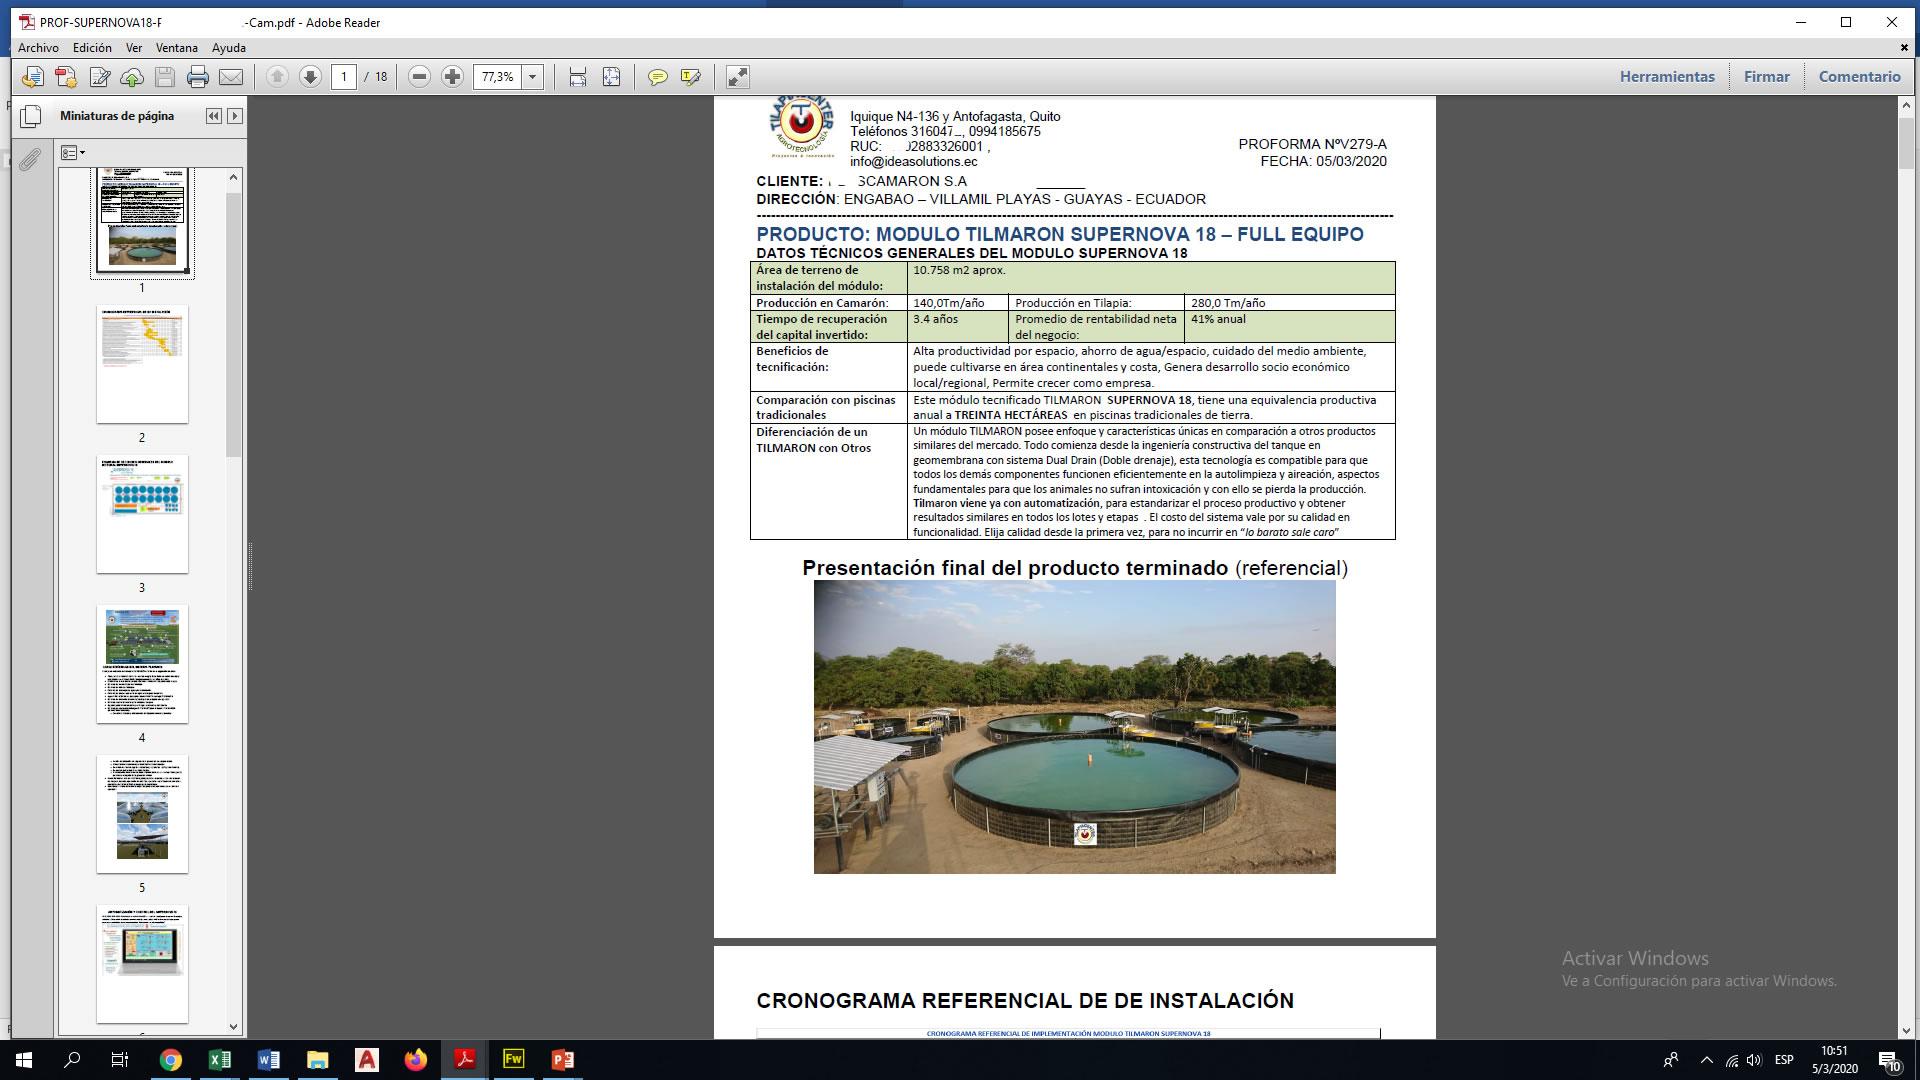 Plan de Negocio de Camarón y Tilapia Tilmaron para financiamiento